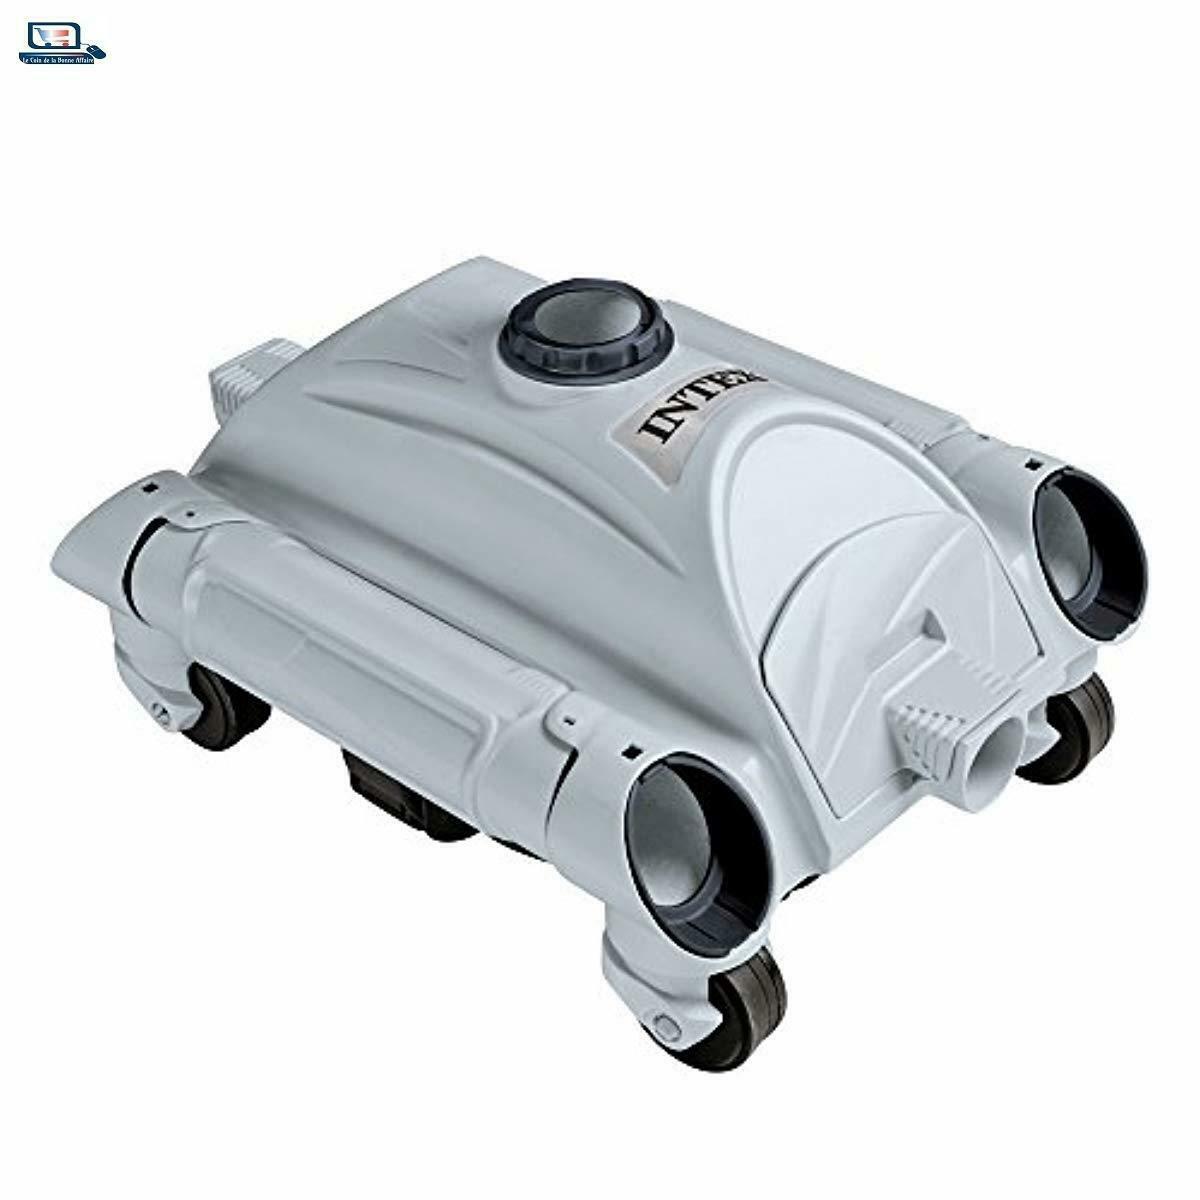 Détails Sur Intex 28001 Robot De Piscine Nettoyeur De Fond Pour Piscines  Hors-Sol Pour Filtr intérieur Robot Piscine Hors Sol Intex